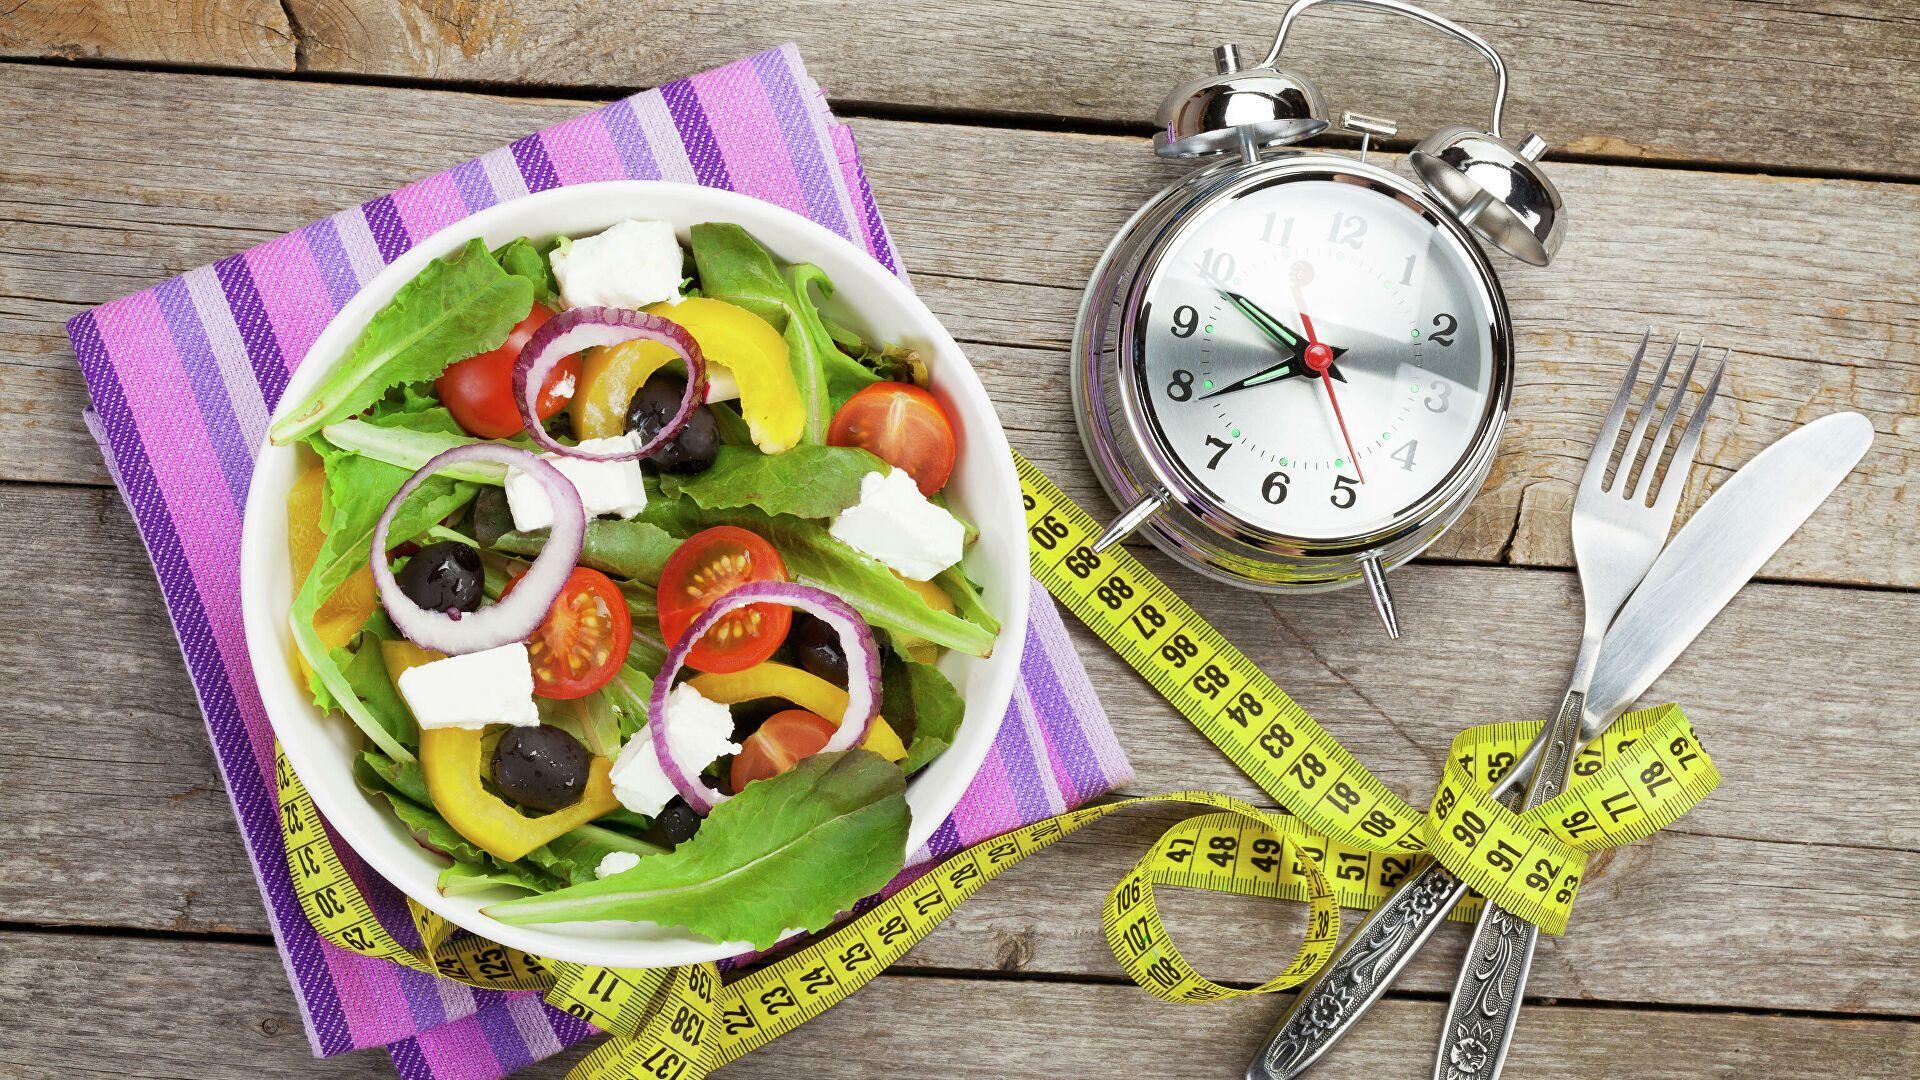 Экстремальное голодание или какое-то очень однообразное питание может привести к срыву, проблемами с печенью и желчным пузырем